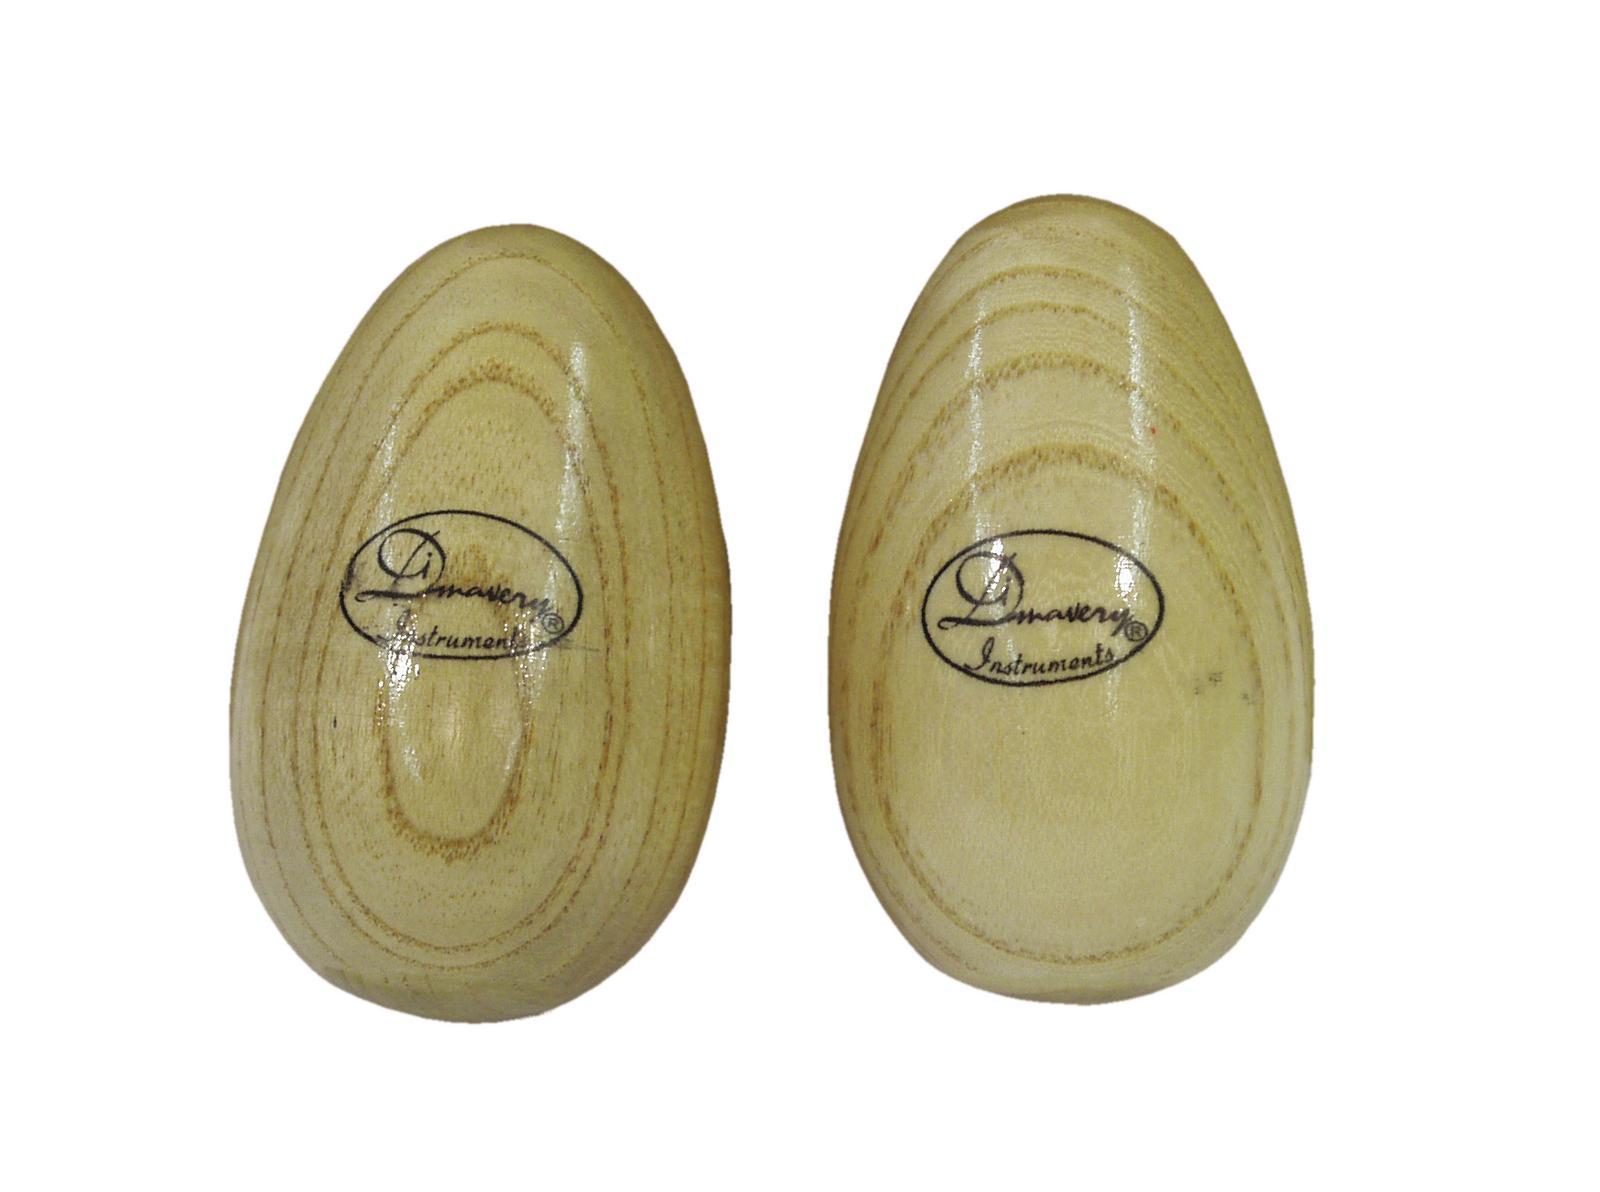 DIMAVERY Egg Shaker Holz 2x